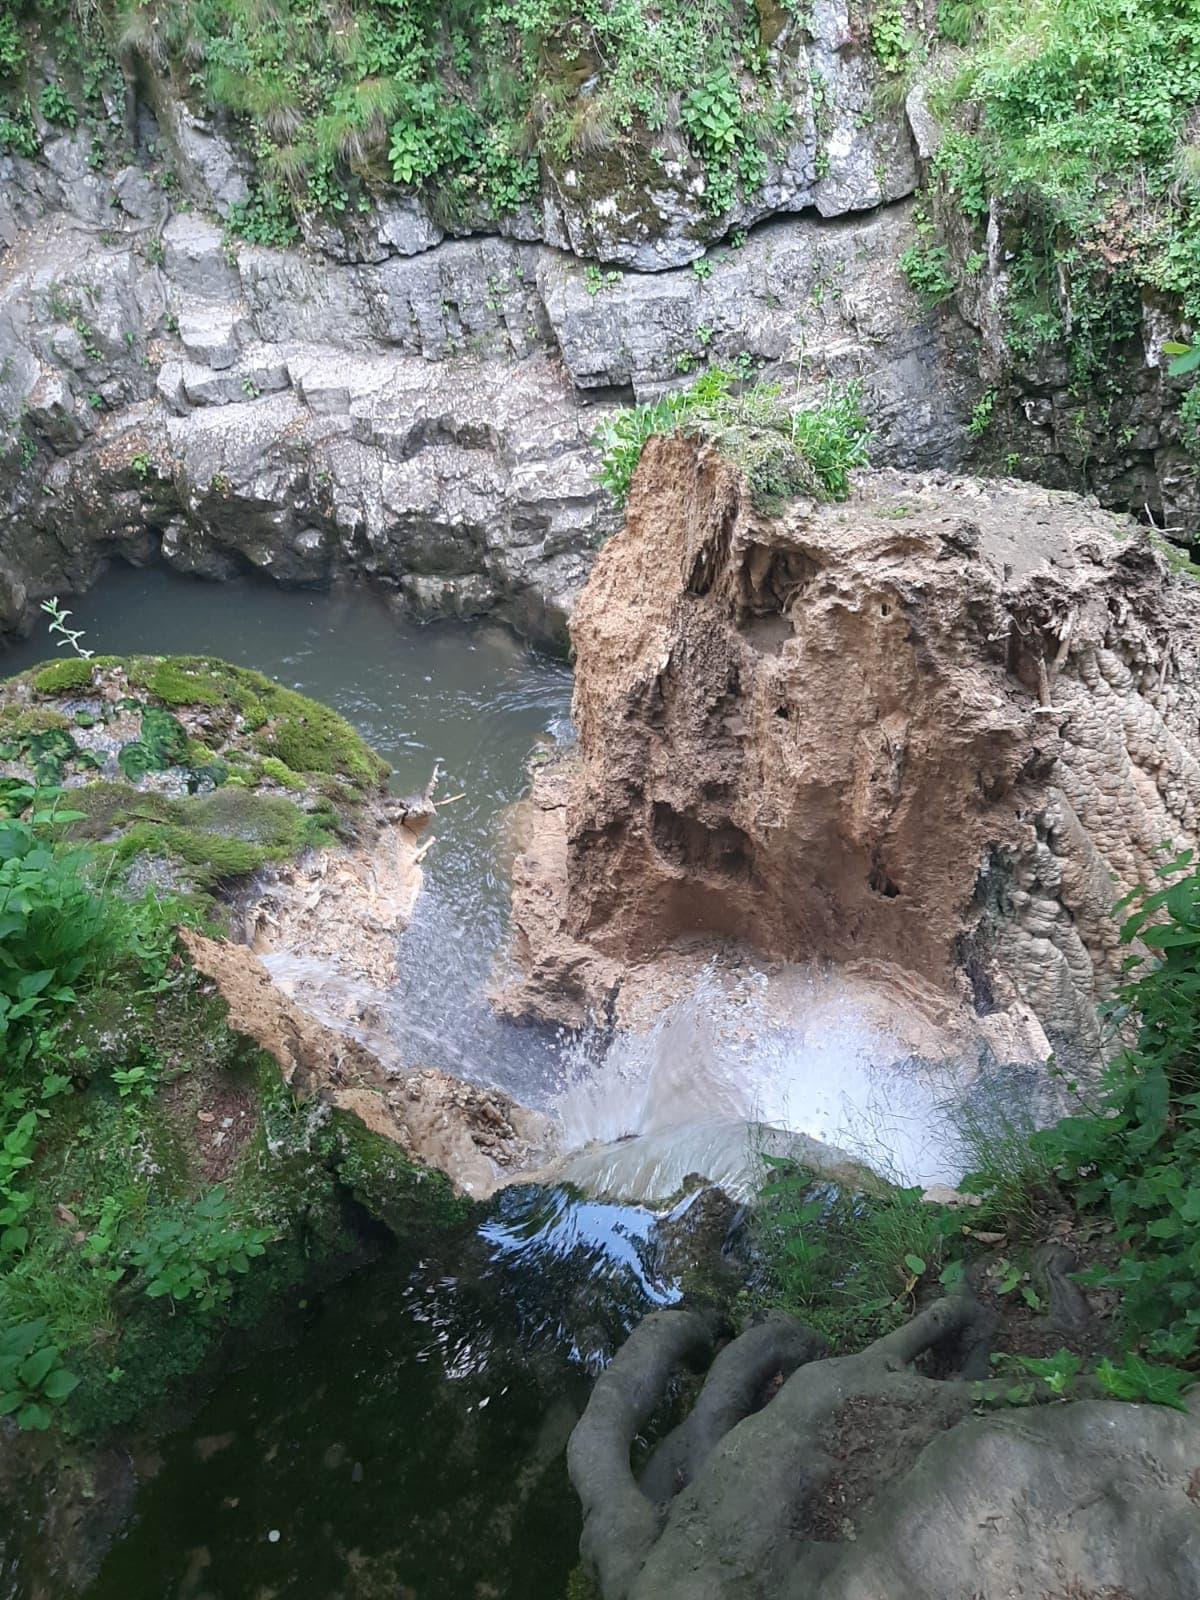 Activist de mediu: Cascada Bigar s-a prabusit din cauza interventiei omului, dupa ce apa a fost deviata. Romsilva neaga informatiile